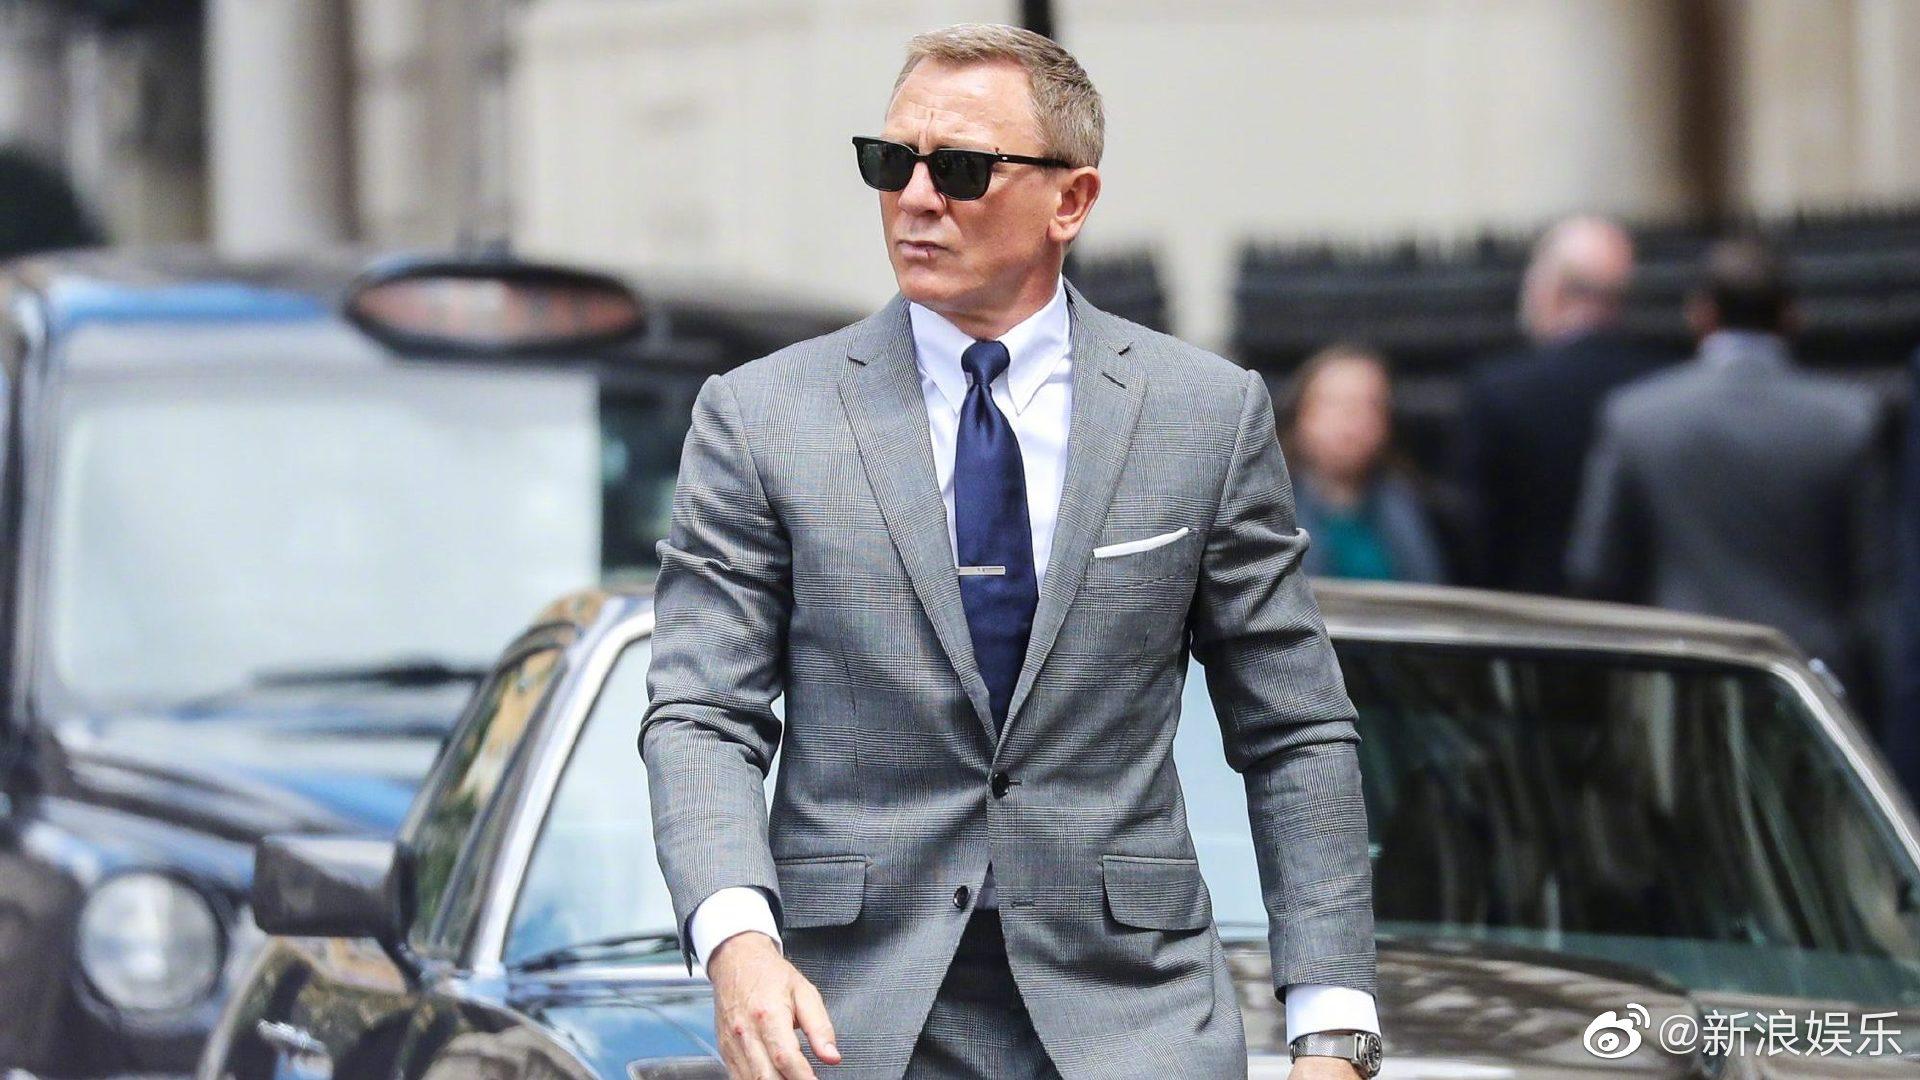 《007:无暇赴死》-电影百度云资源「bd1024p/1080p/Mp4中字」云网盘下载